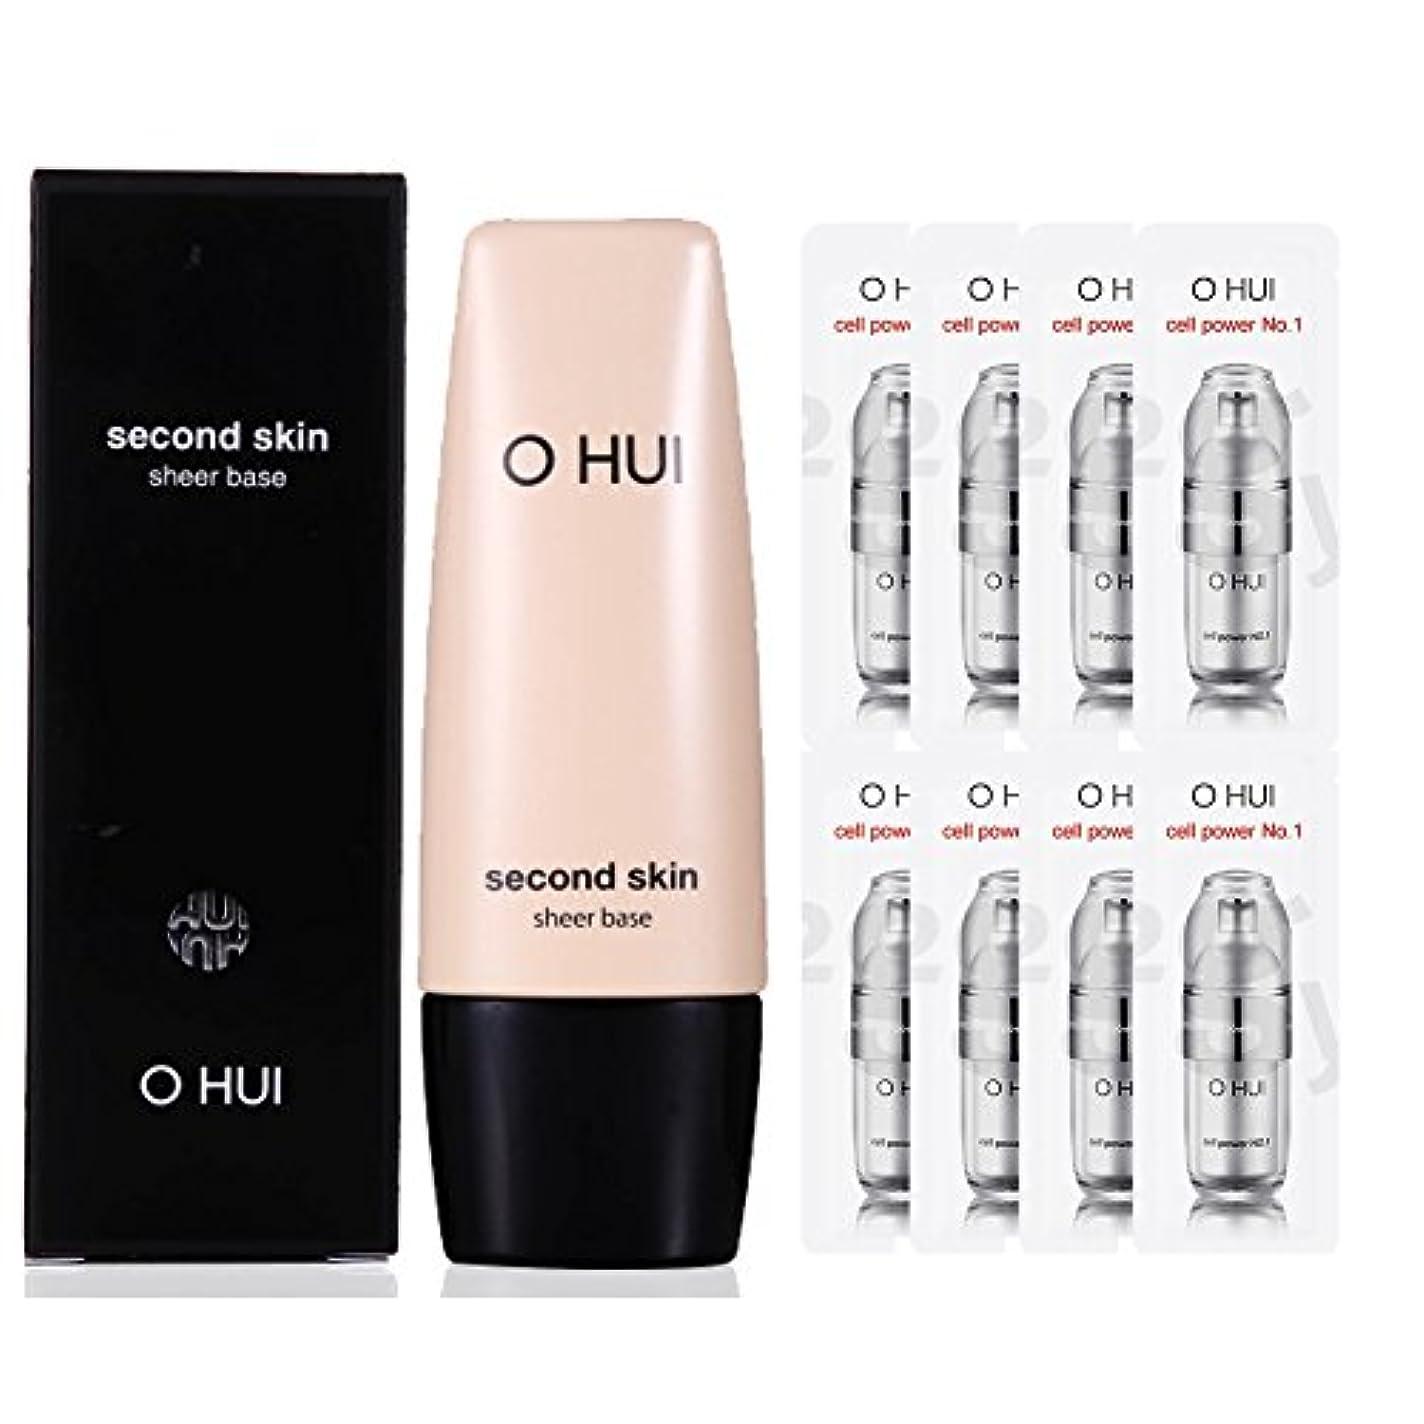 フォアタイプ大臣サイトラインOHUI/オフィセカンドスキン シアーベース + 特別の構成 (OHUI SECOND SKIN SHEER BASE Makeup Base +Special Gift set)]【スポットセール】[海外直送品]